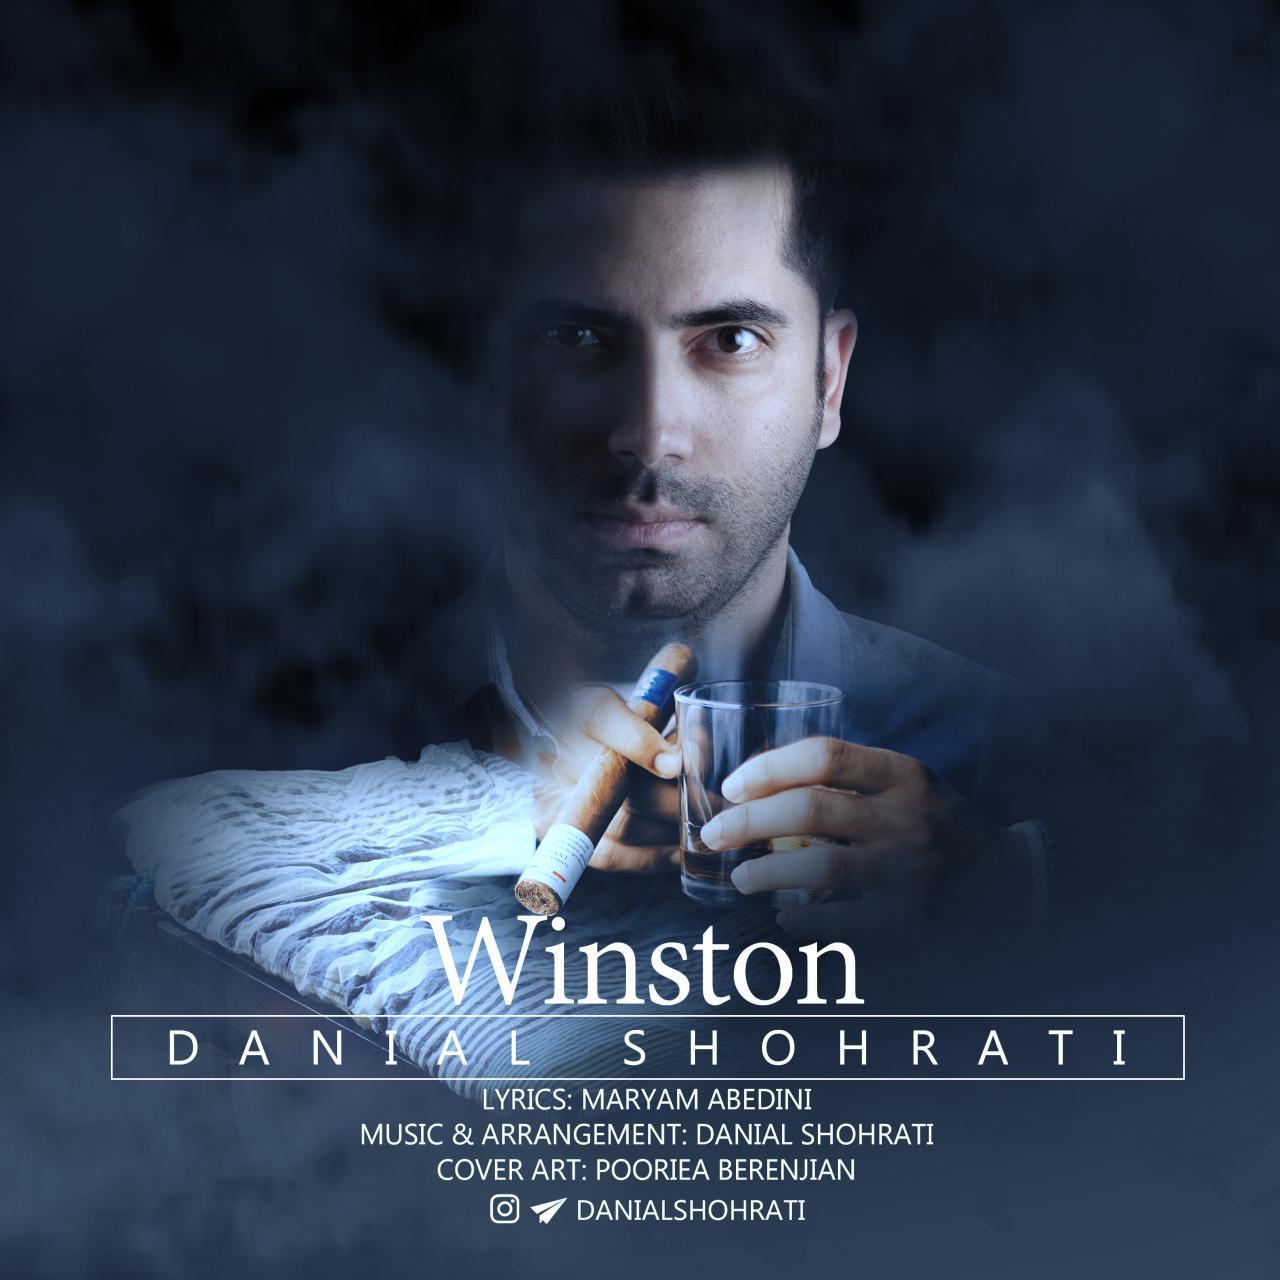 دانیال شهرتی به نام وینستون